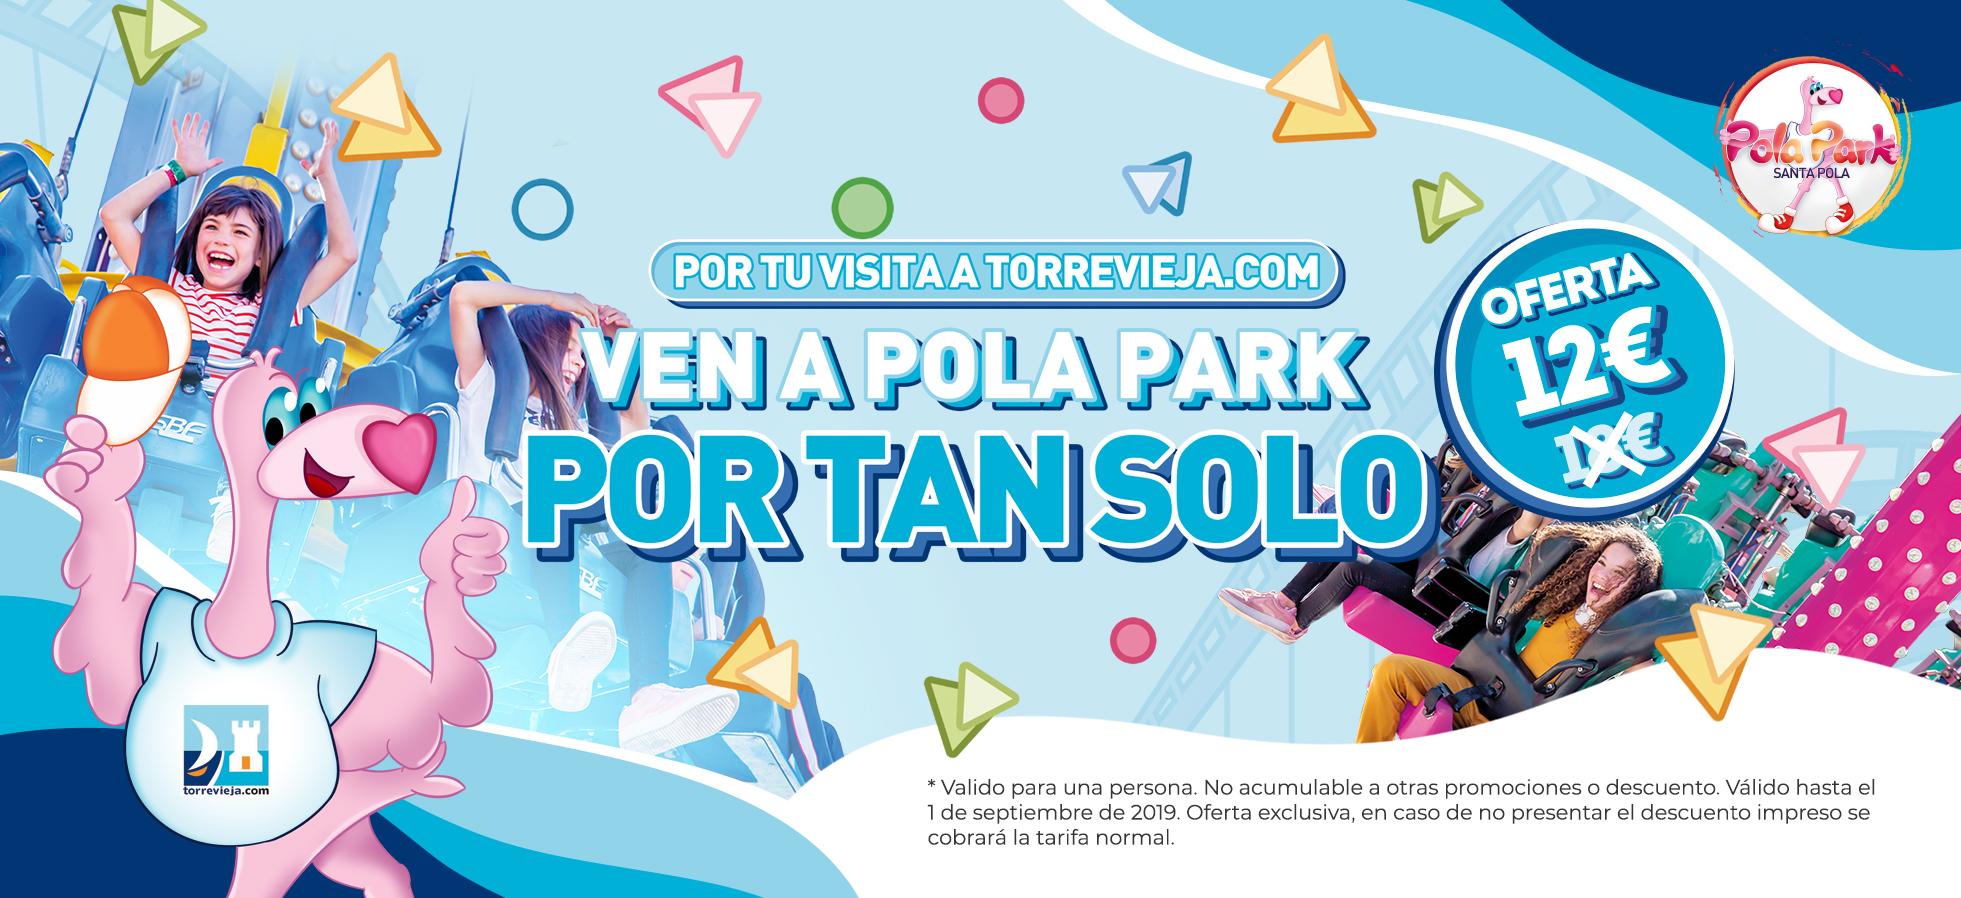 5b555c8d7fc1 Pola Park parque de atracciones – Torrevieja.com portal de turismo